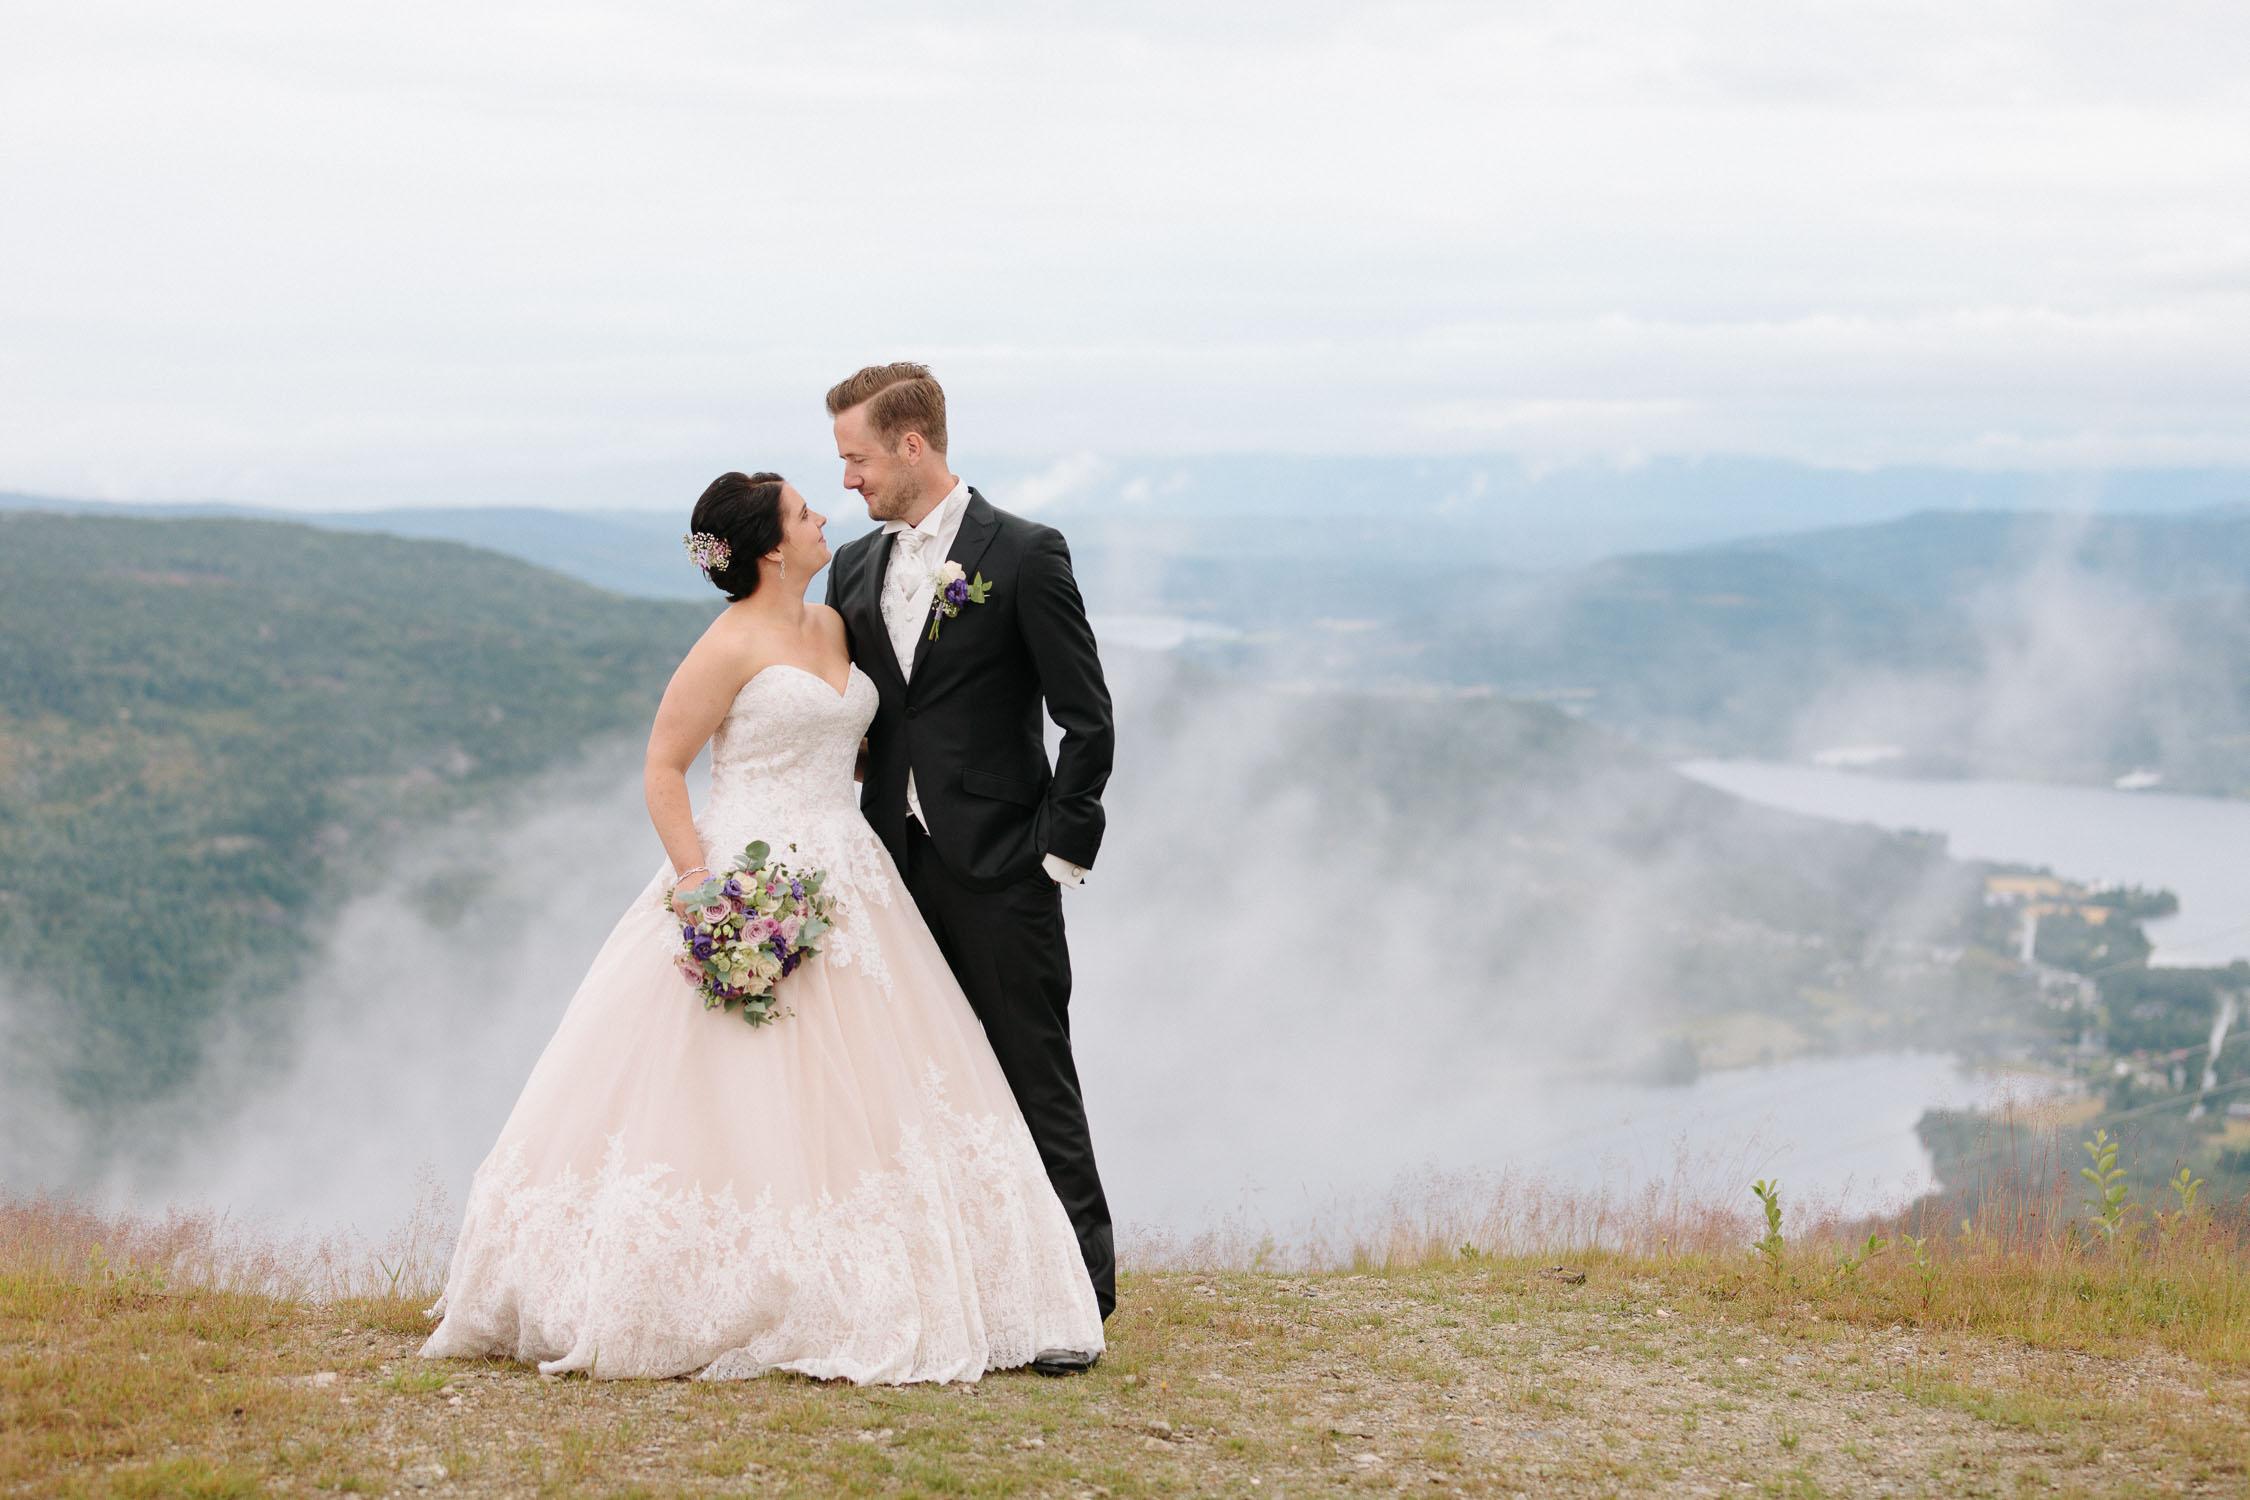 bryllup-bryllupsfotografering-bryllupsfotograf-sarpsborg-20160806-_MG_3607Bryllupsbilder-Tine-og-Thomas.jpg